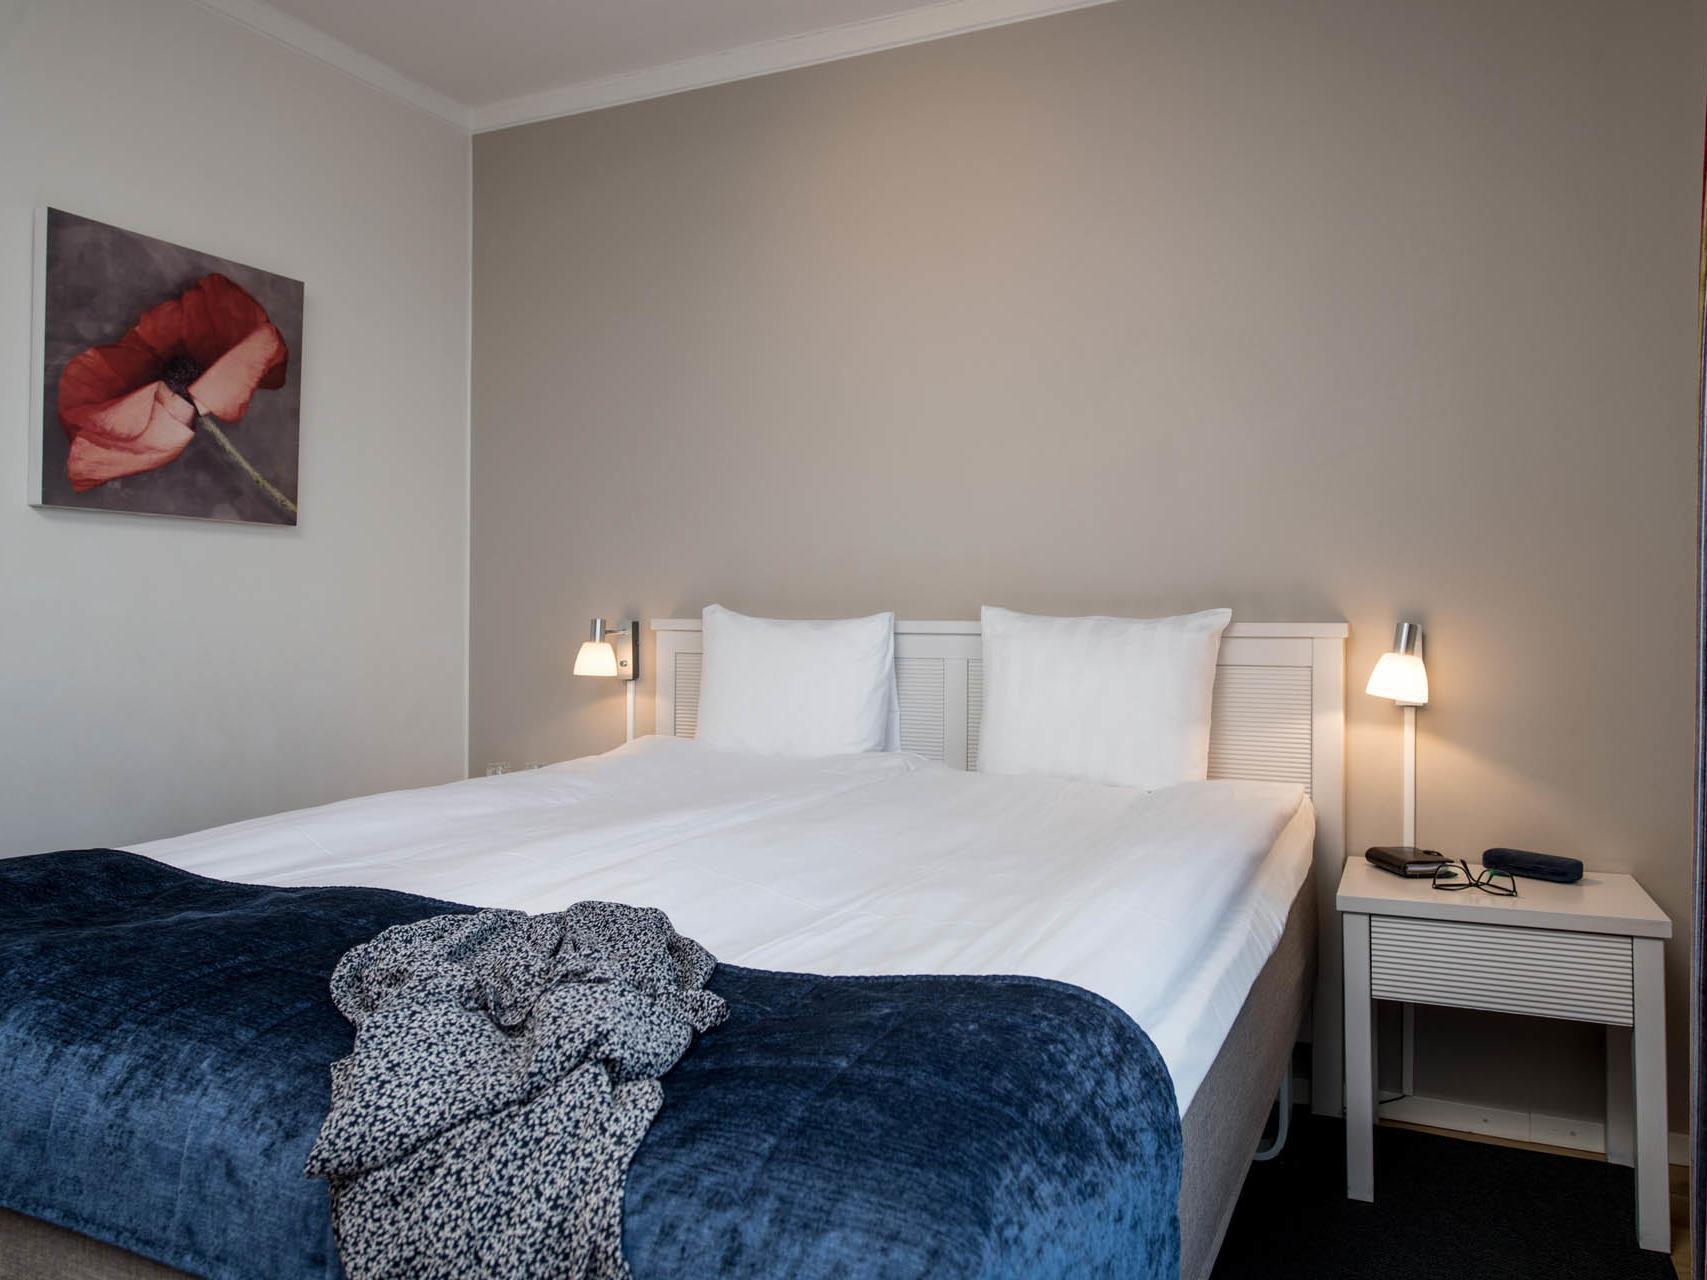 Double Room at Hotel Tegnérlunden in Stockholm, Sweden